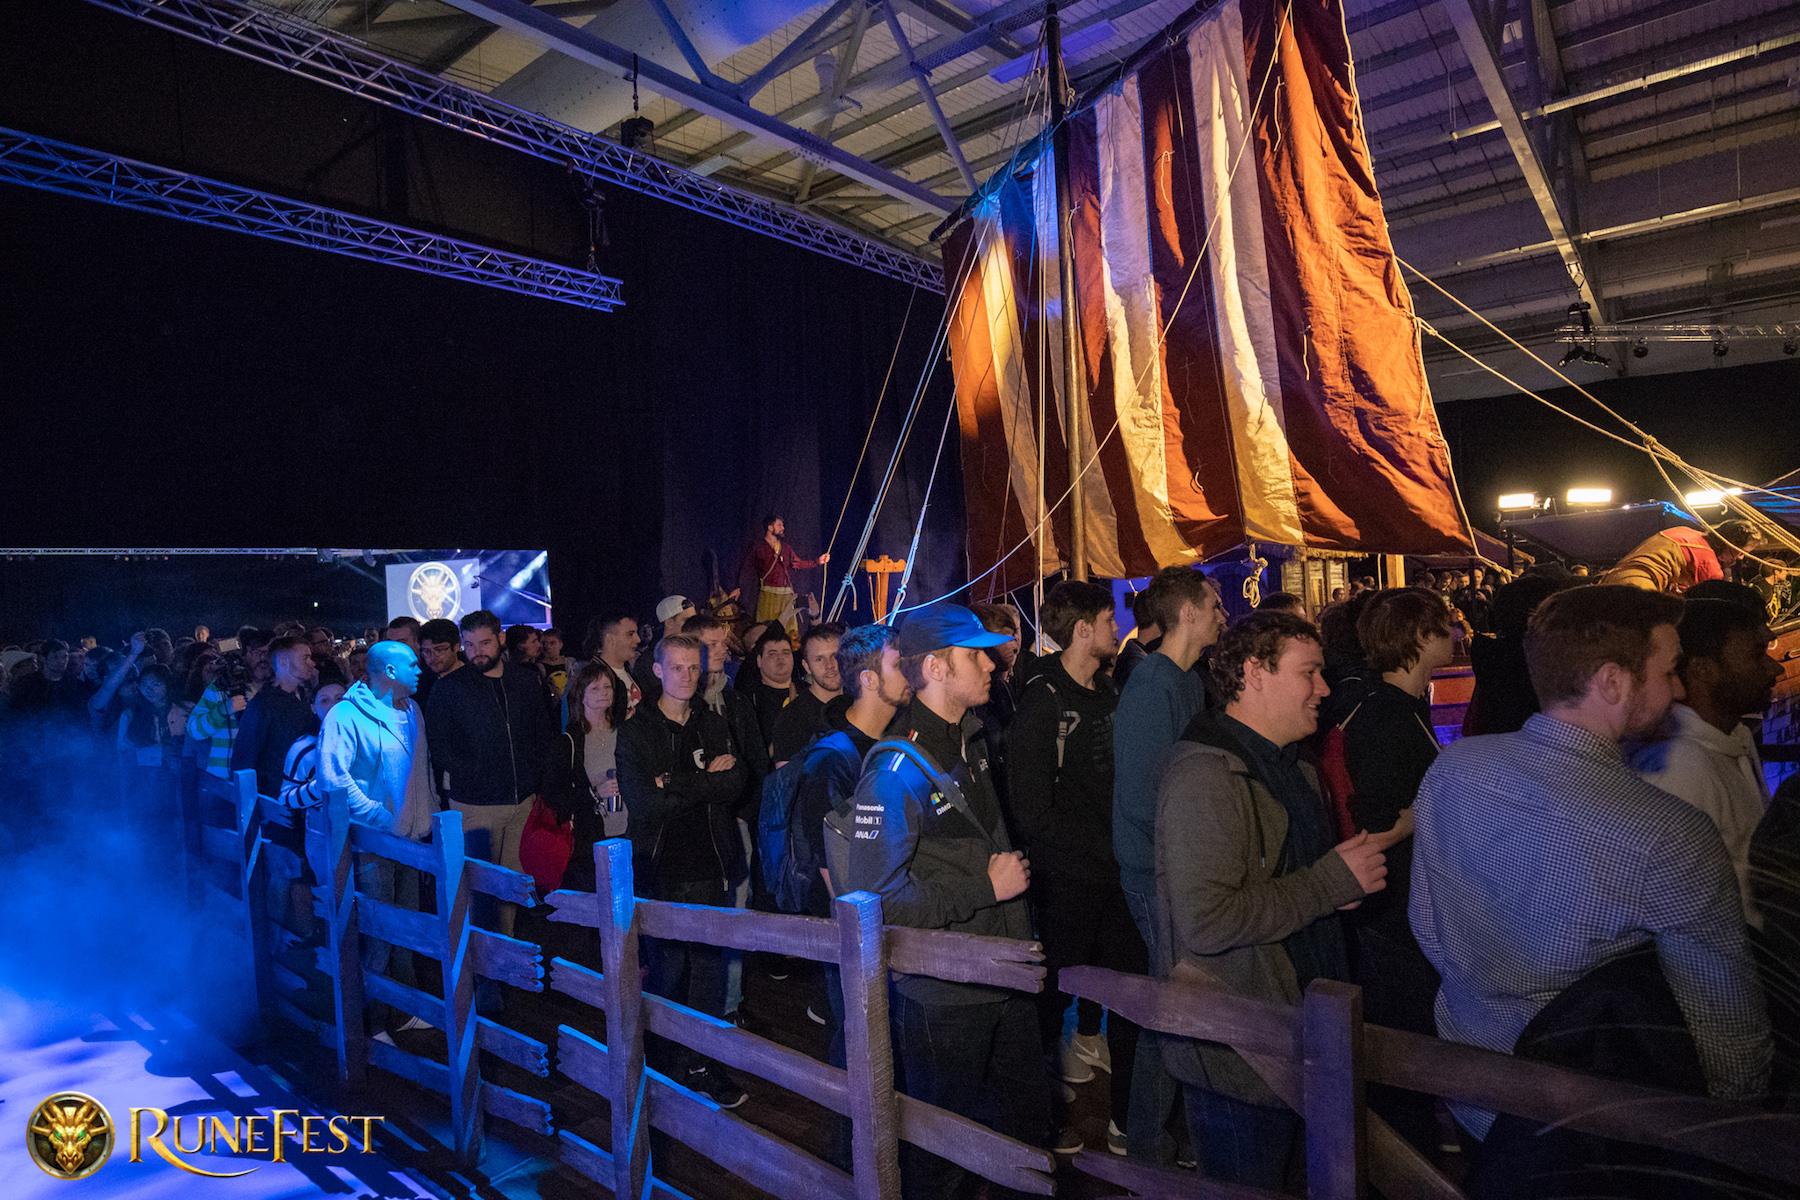 Runefest image - The Viking boat